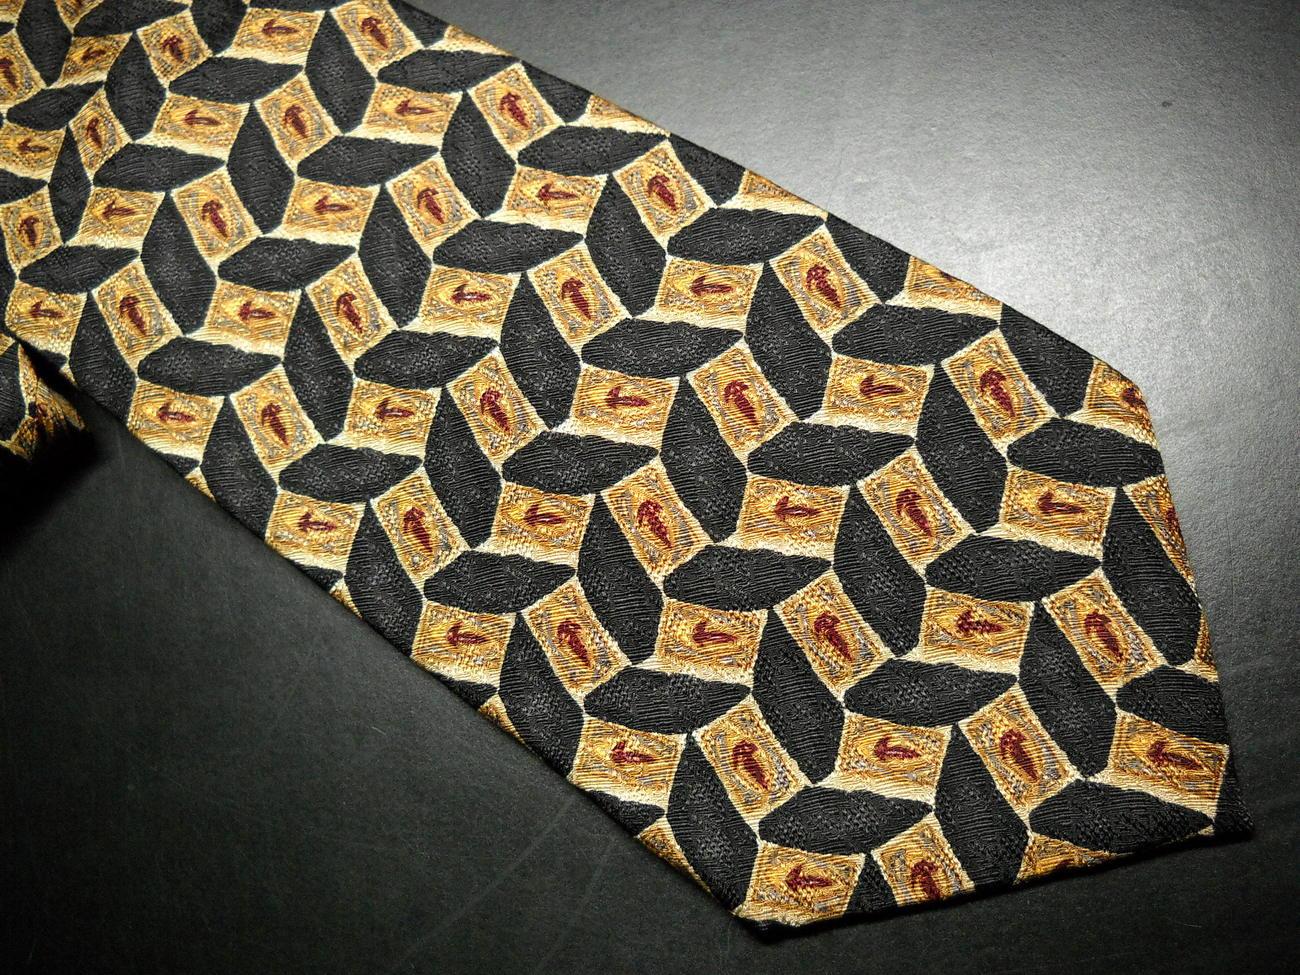 JZ Richards Nordstroms Silk Dress Neck Tie Design 8252 Golden Browns Black 2000 J.Z. Richards